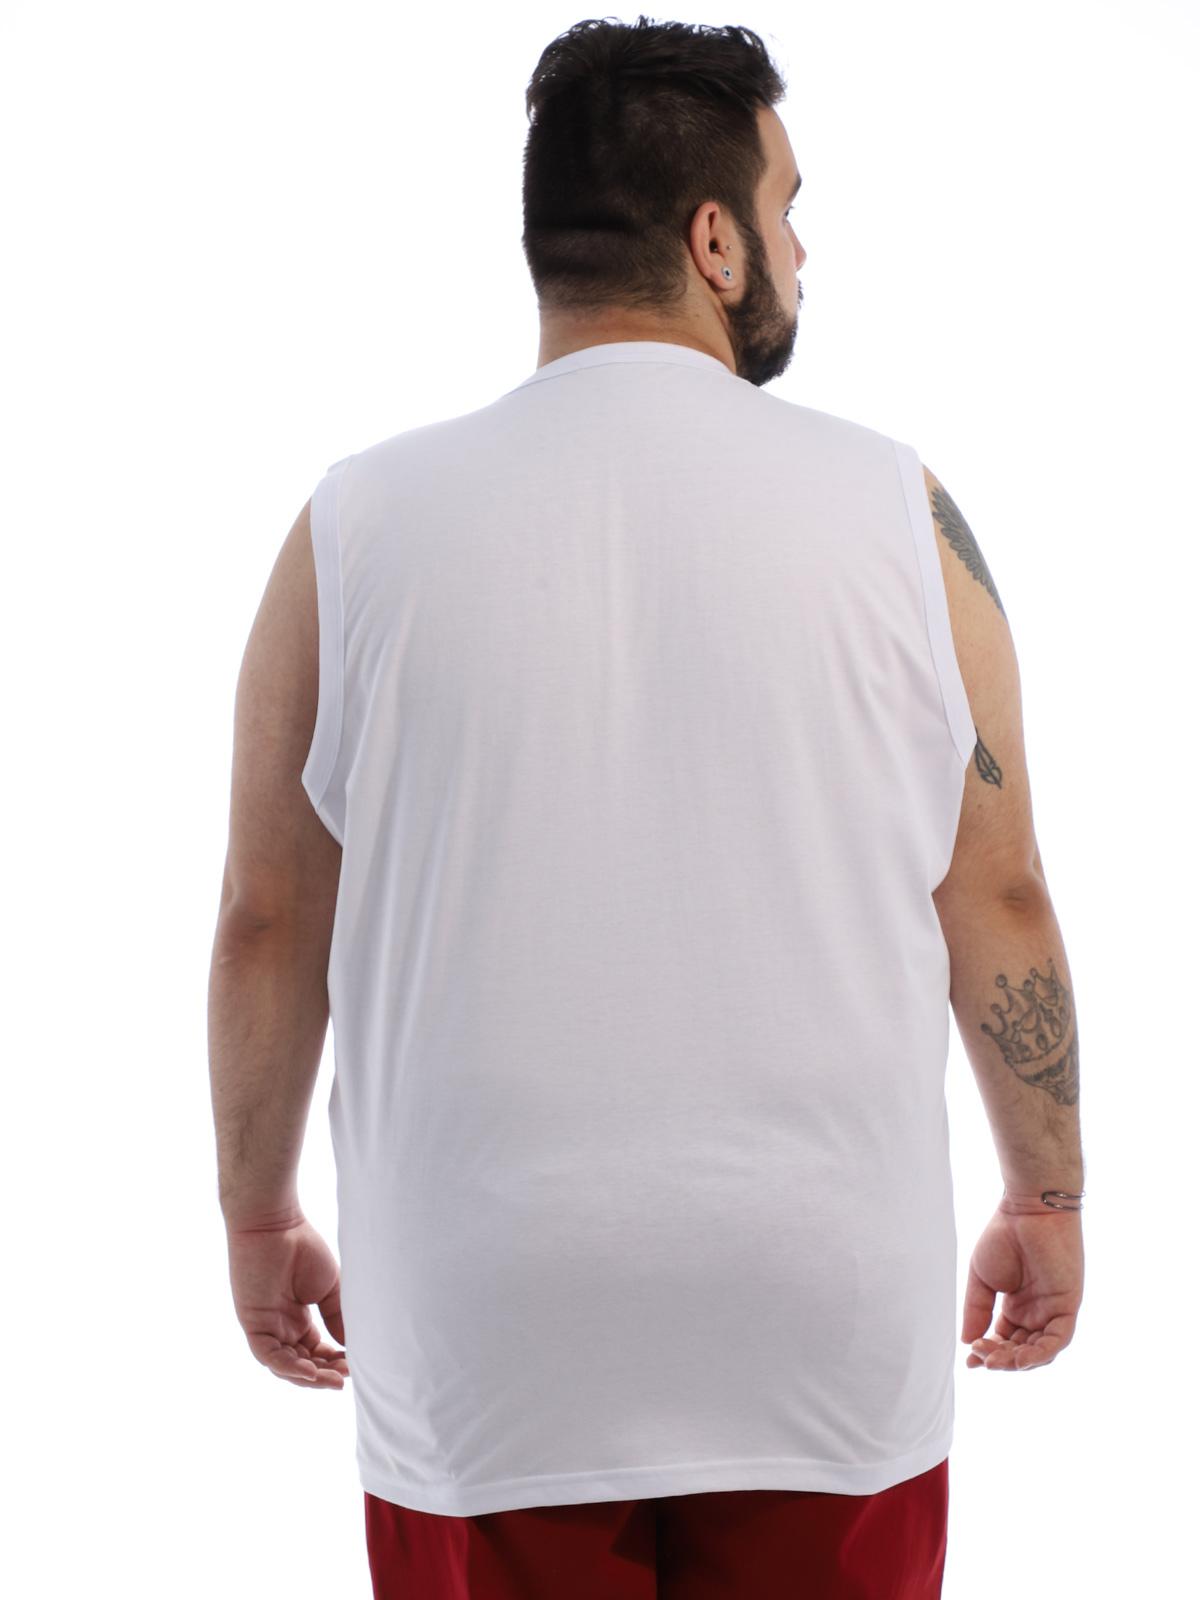 Regata Plus Size Masculina Algodão Estampa Surfin Branco